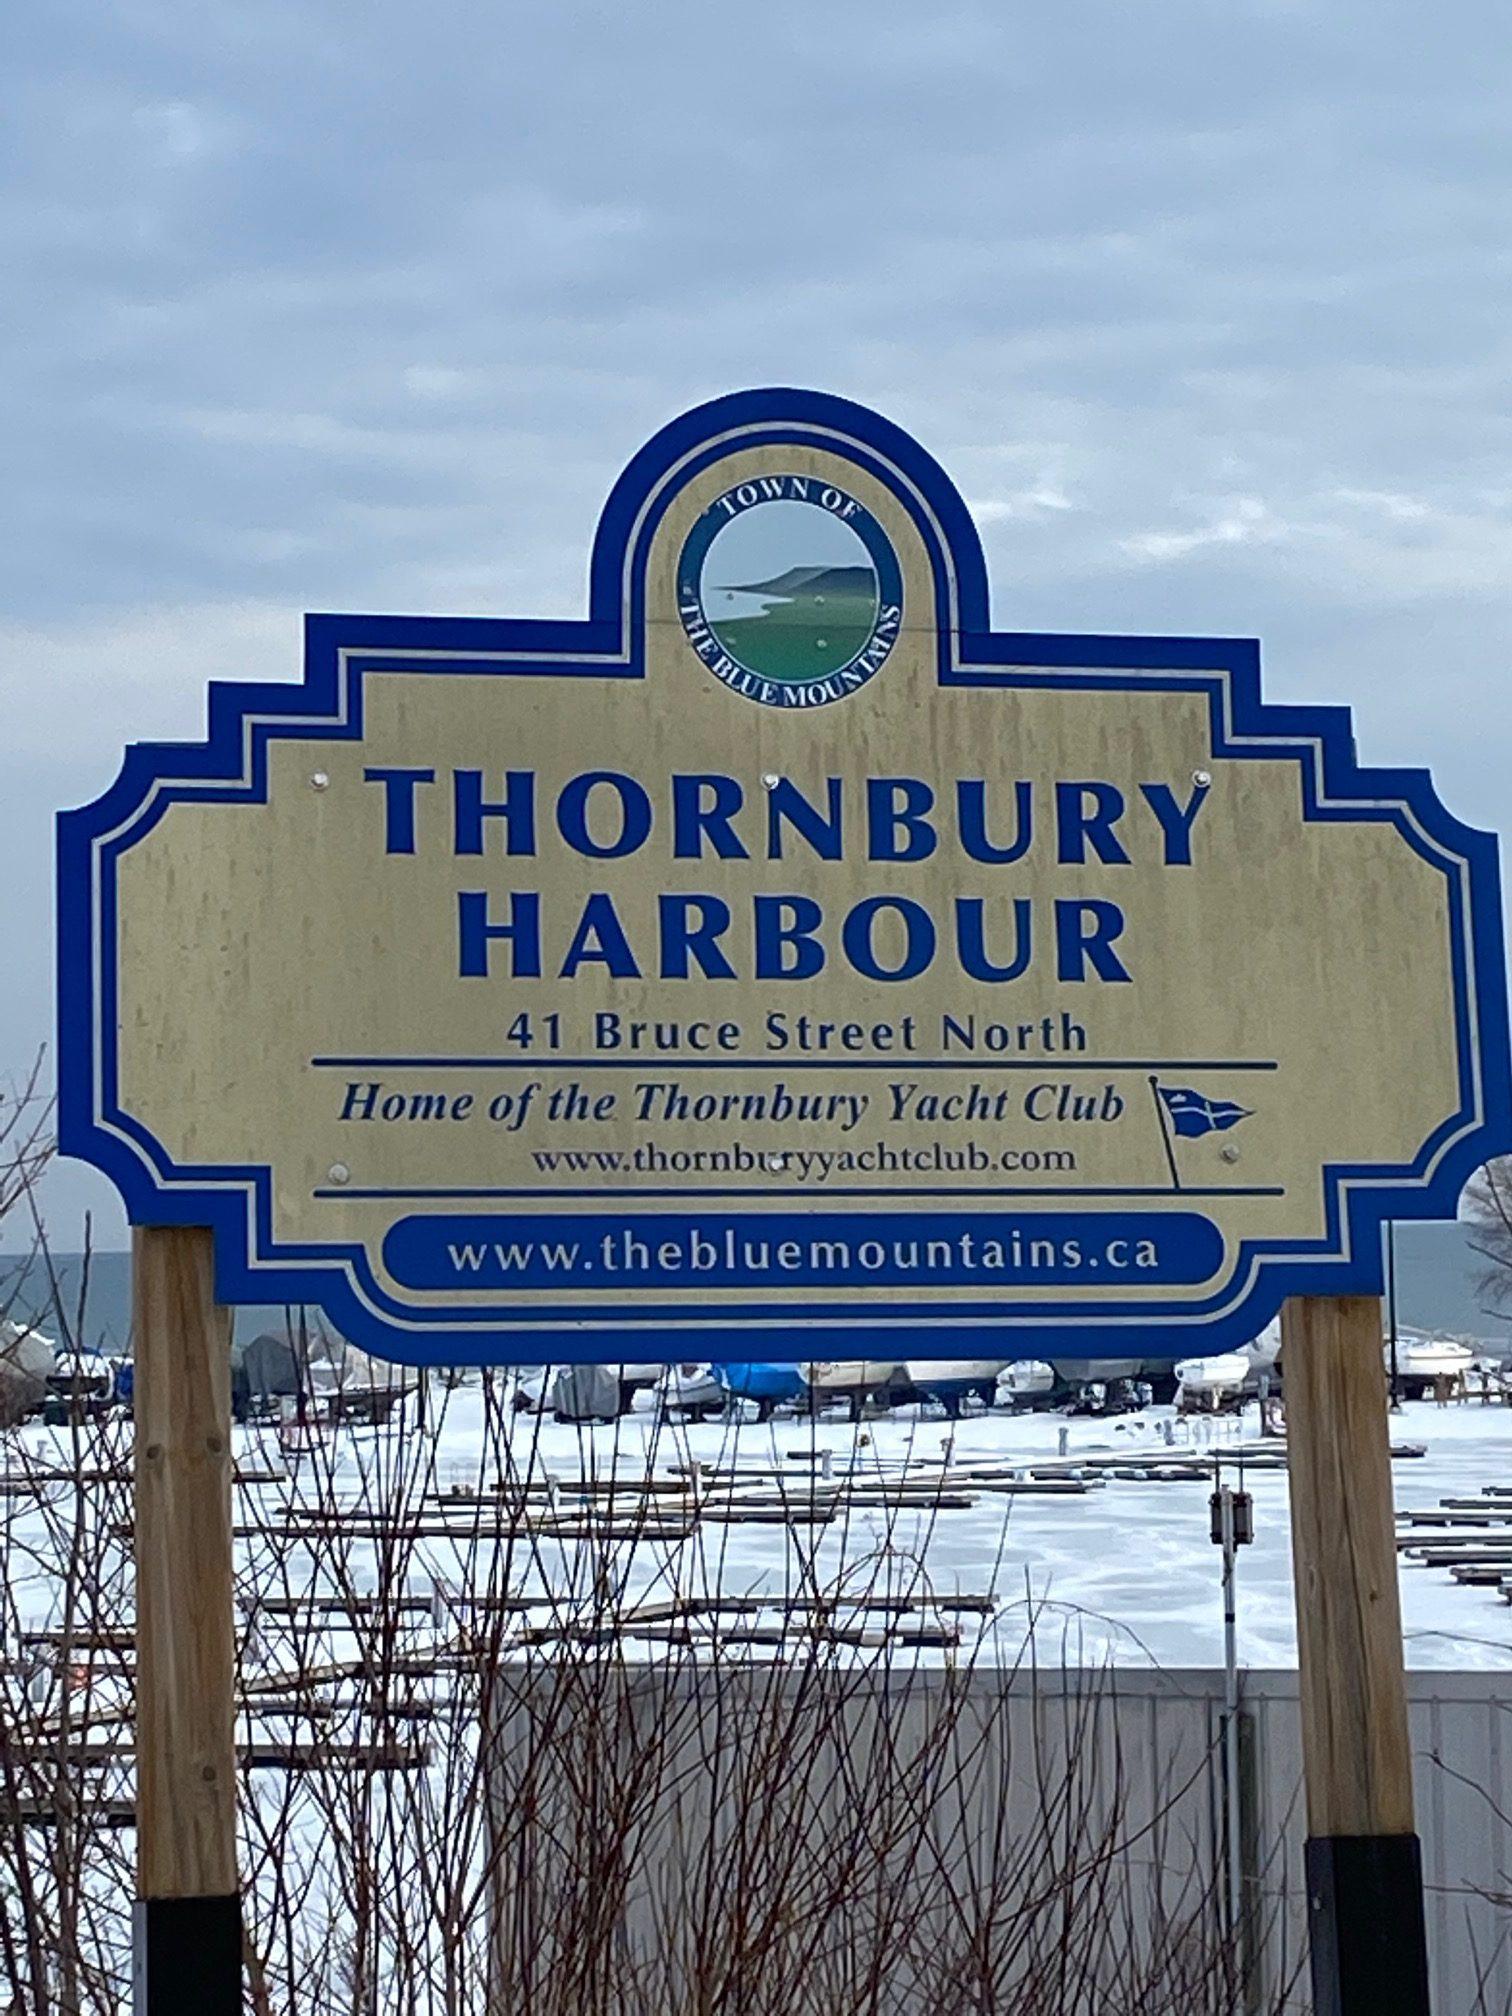 Thornbury Harbour